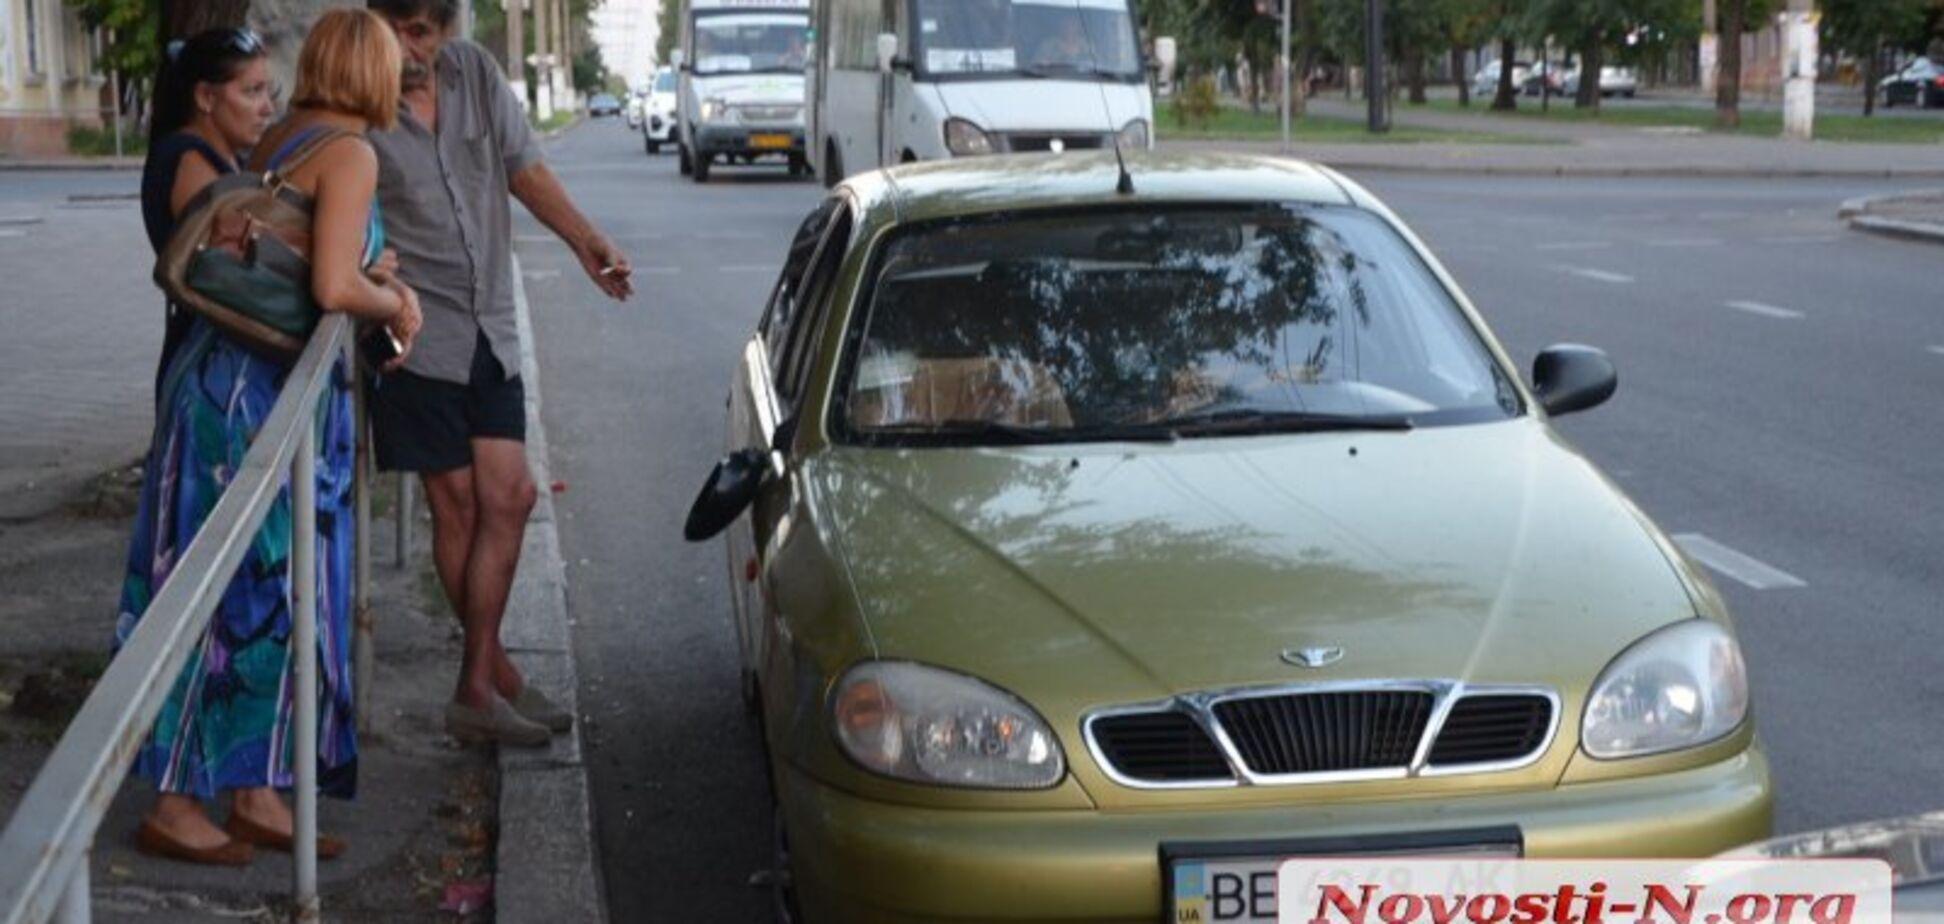 Збив жінку з дитиною: у Миколаєві очевидці ДТП влаштували самосуд